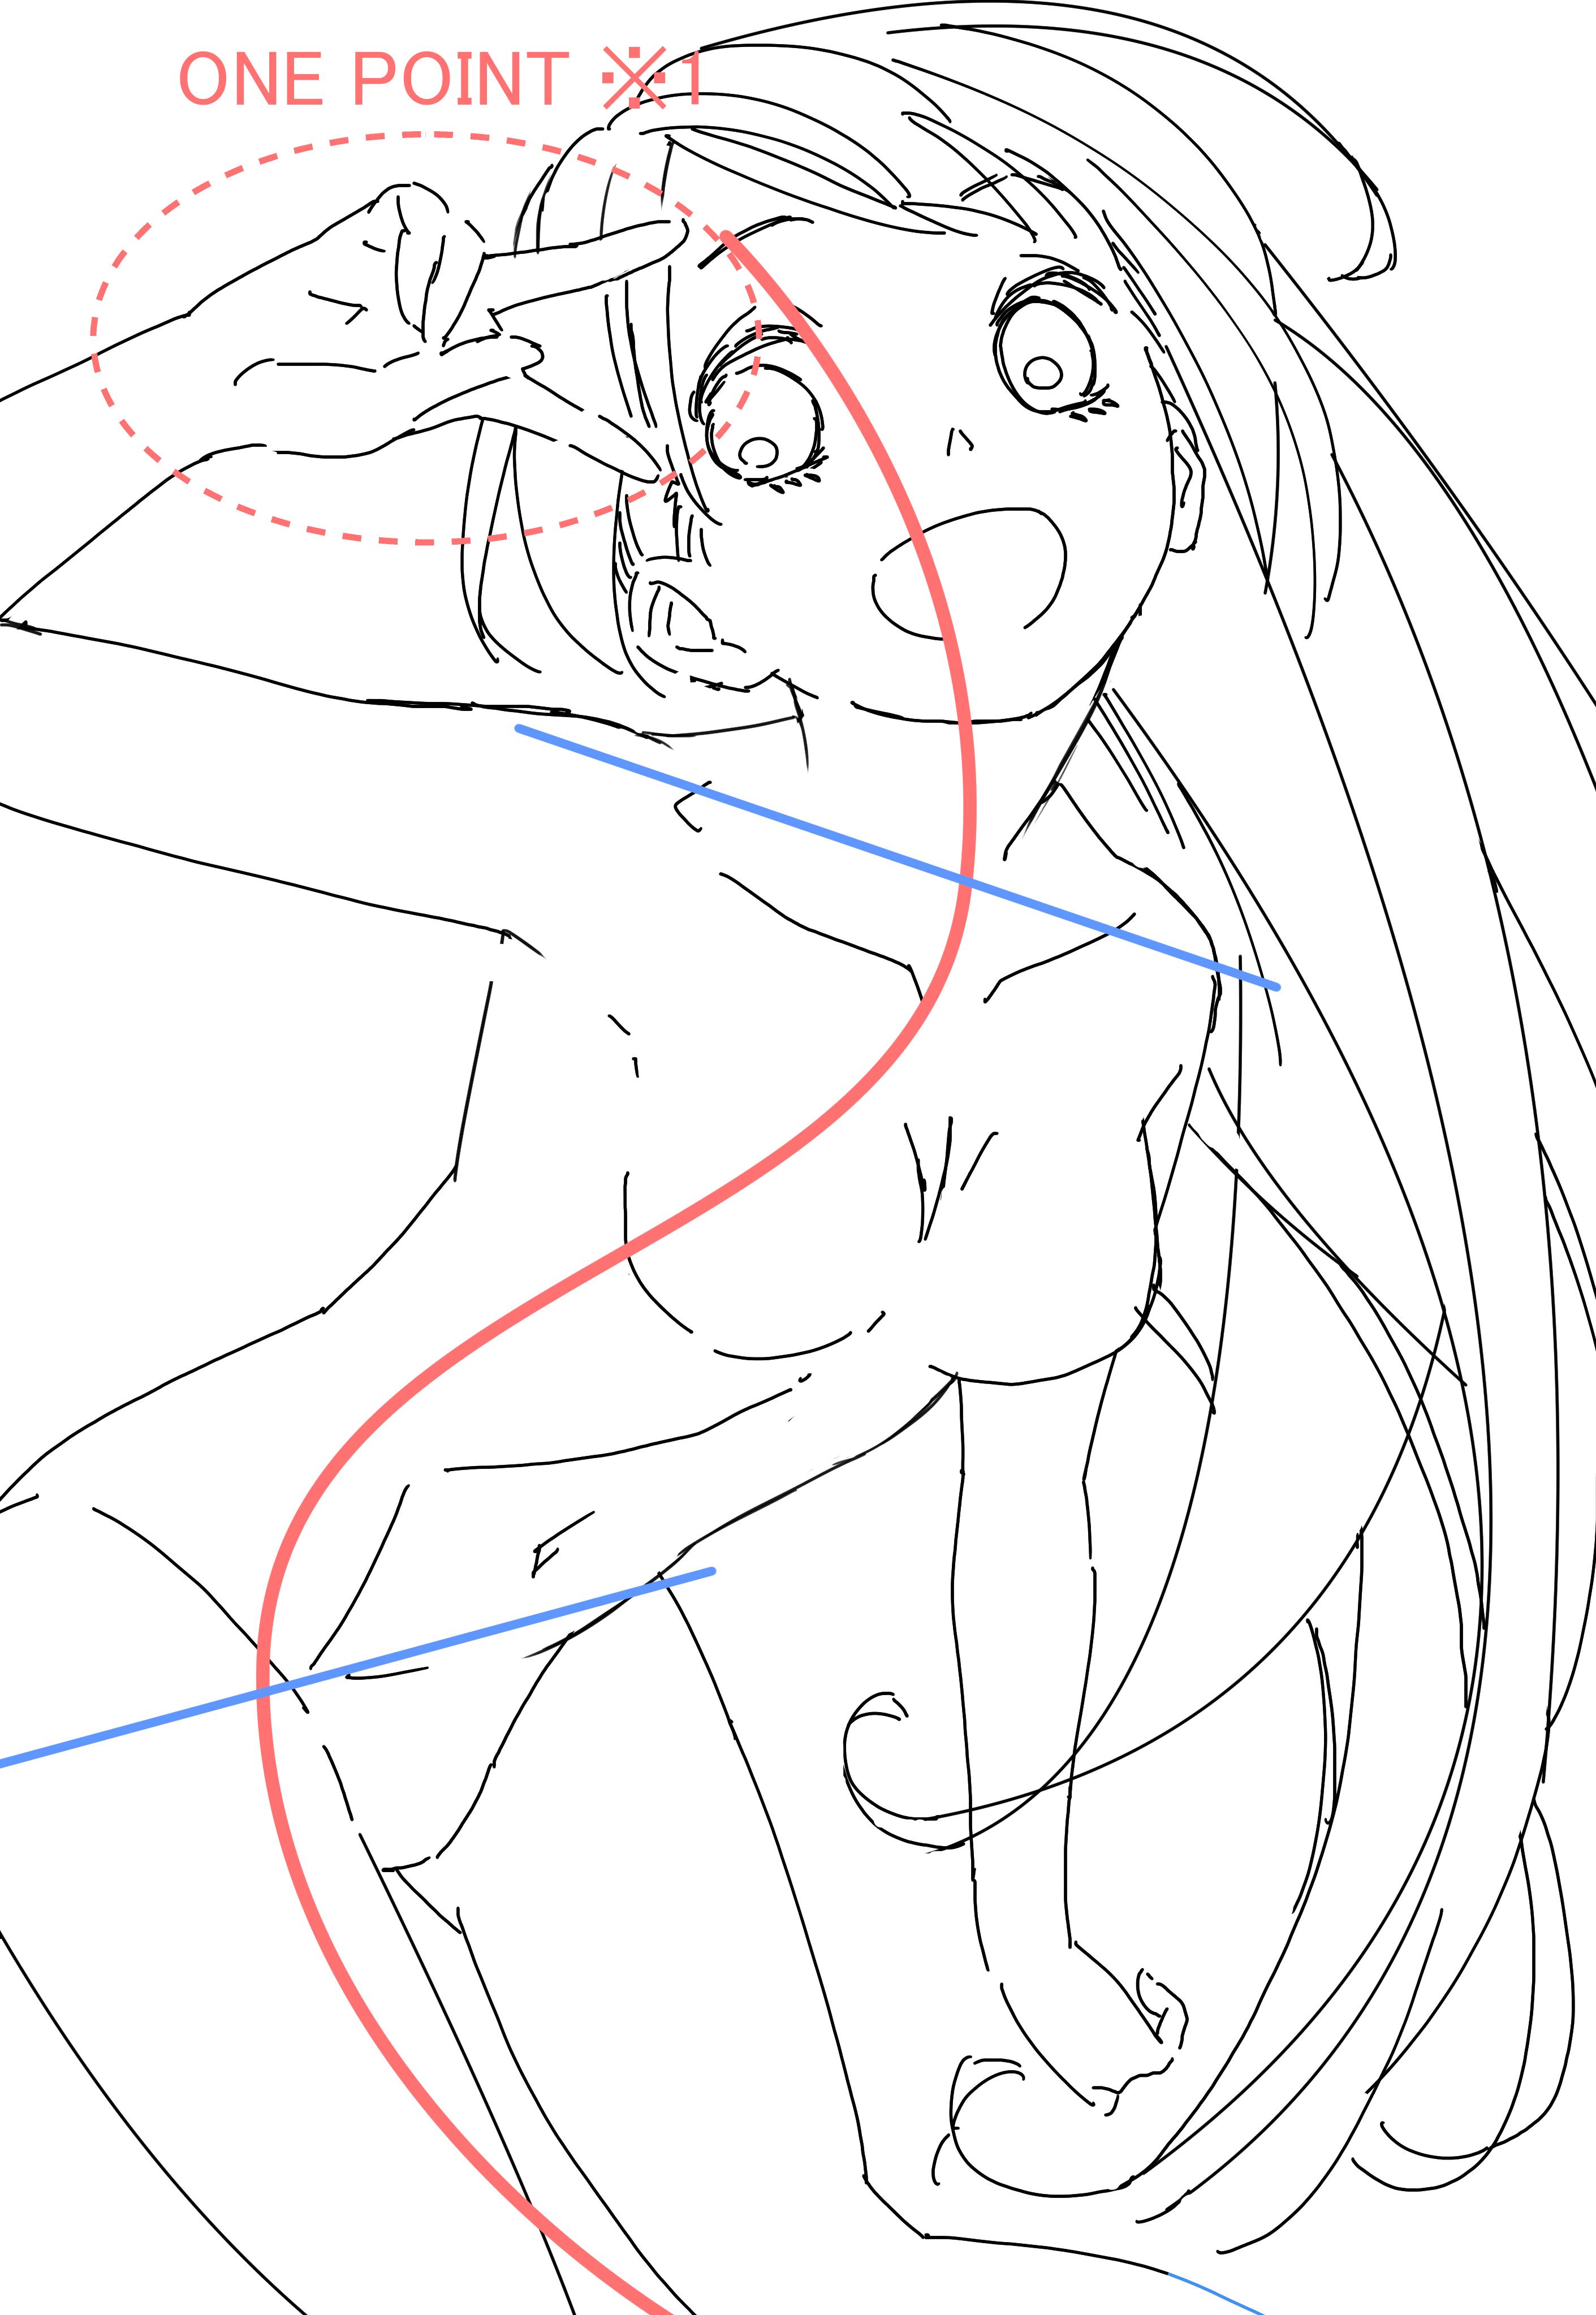 S字ポーズでグッと来る 魅力的な女の子を描くための2つのコツ いち